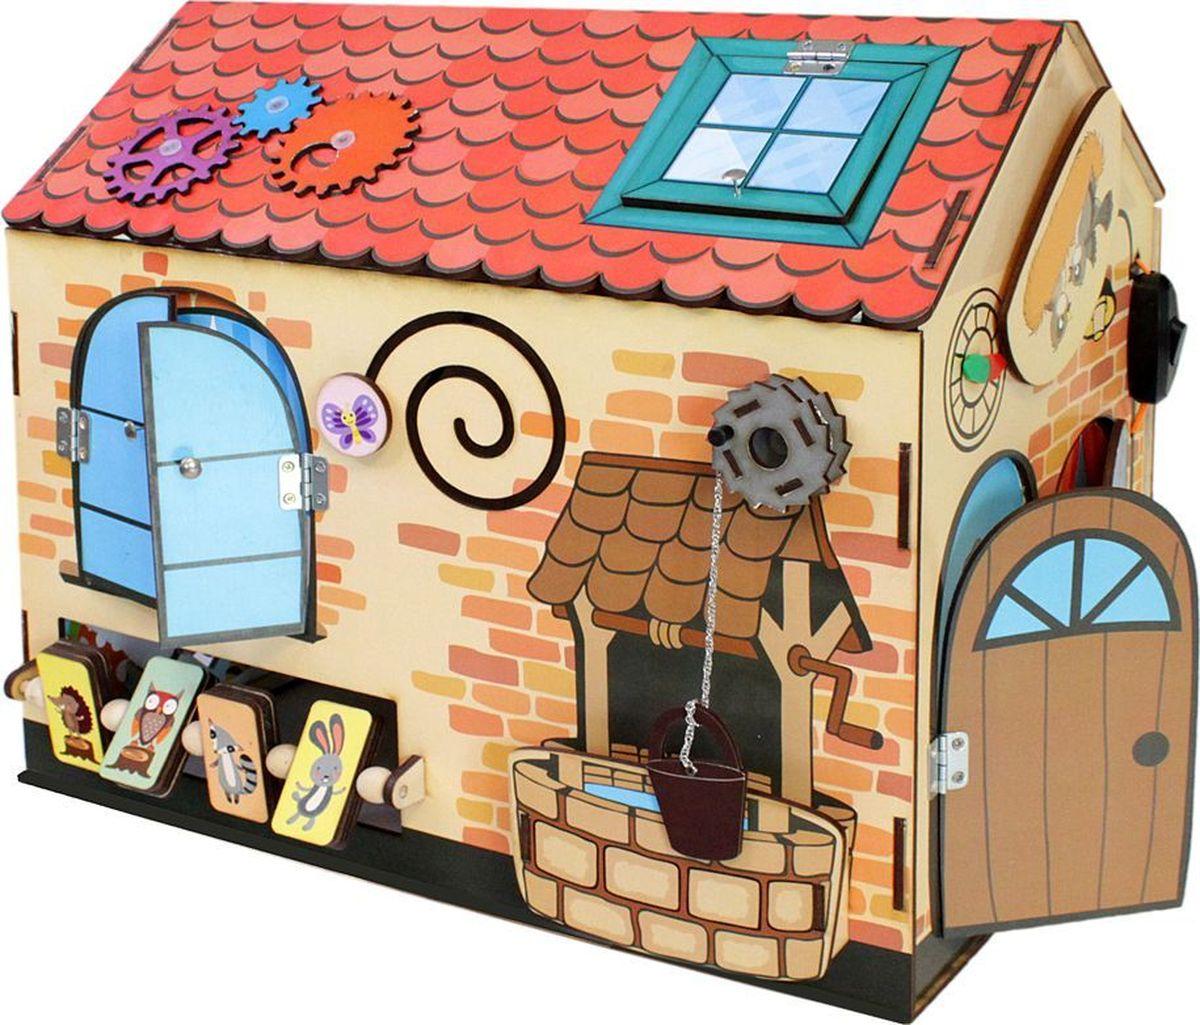 купить Фабрика Мастер игрушек Бизиборд Чудо-дом недорого